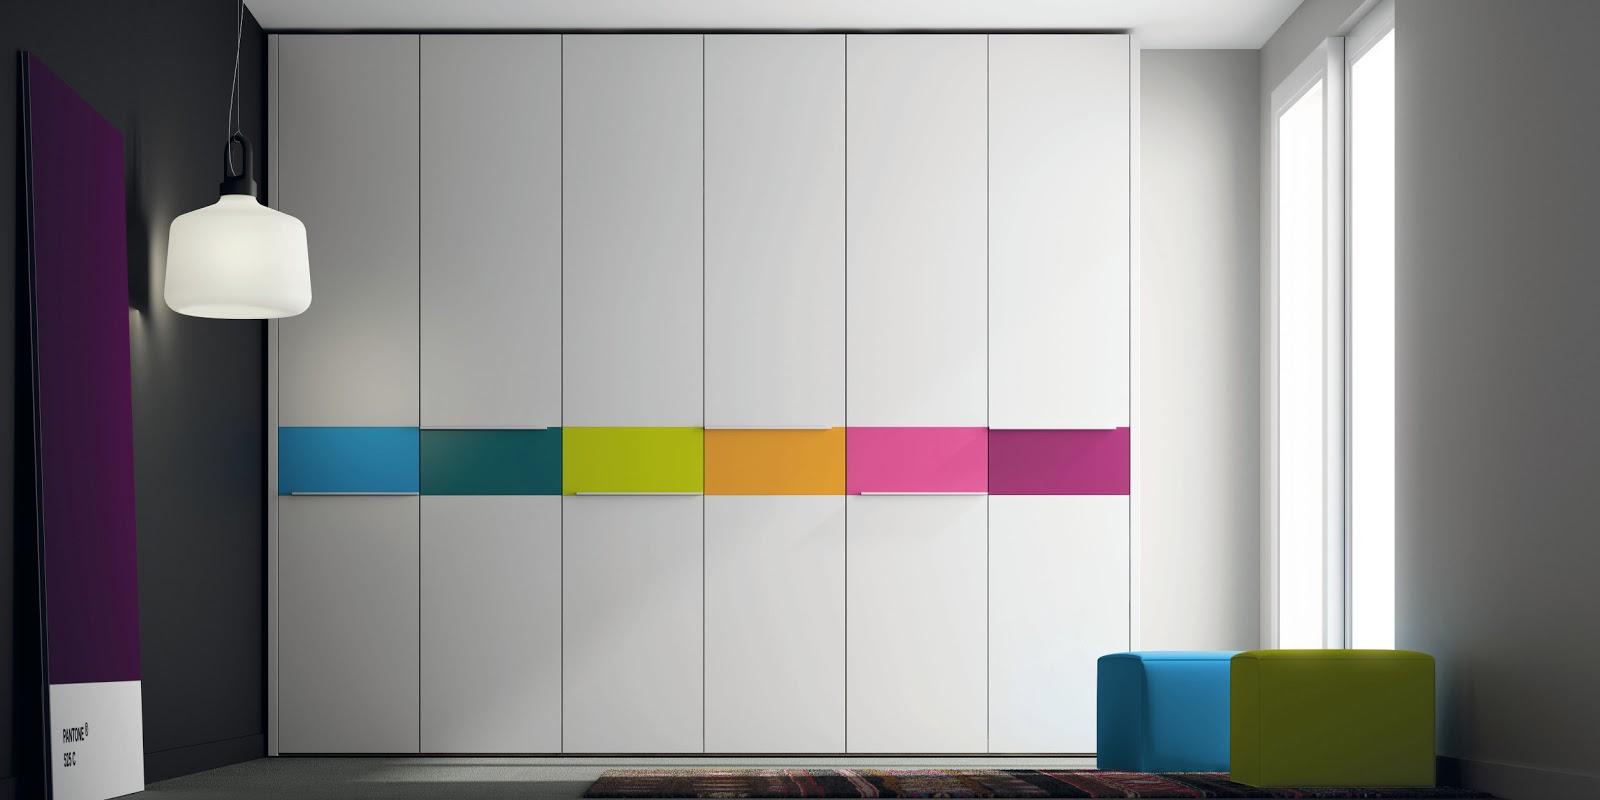 Muebles ros personaliza tu armario adelanto cat logo for Personaliza tu mueble